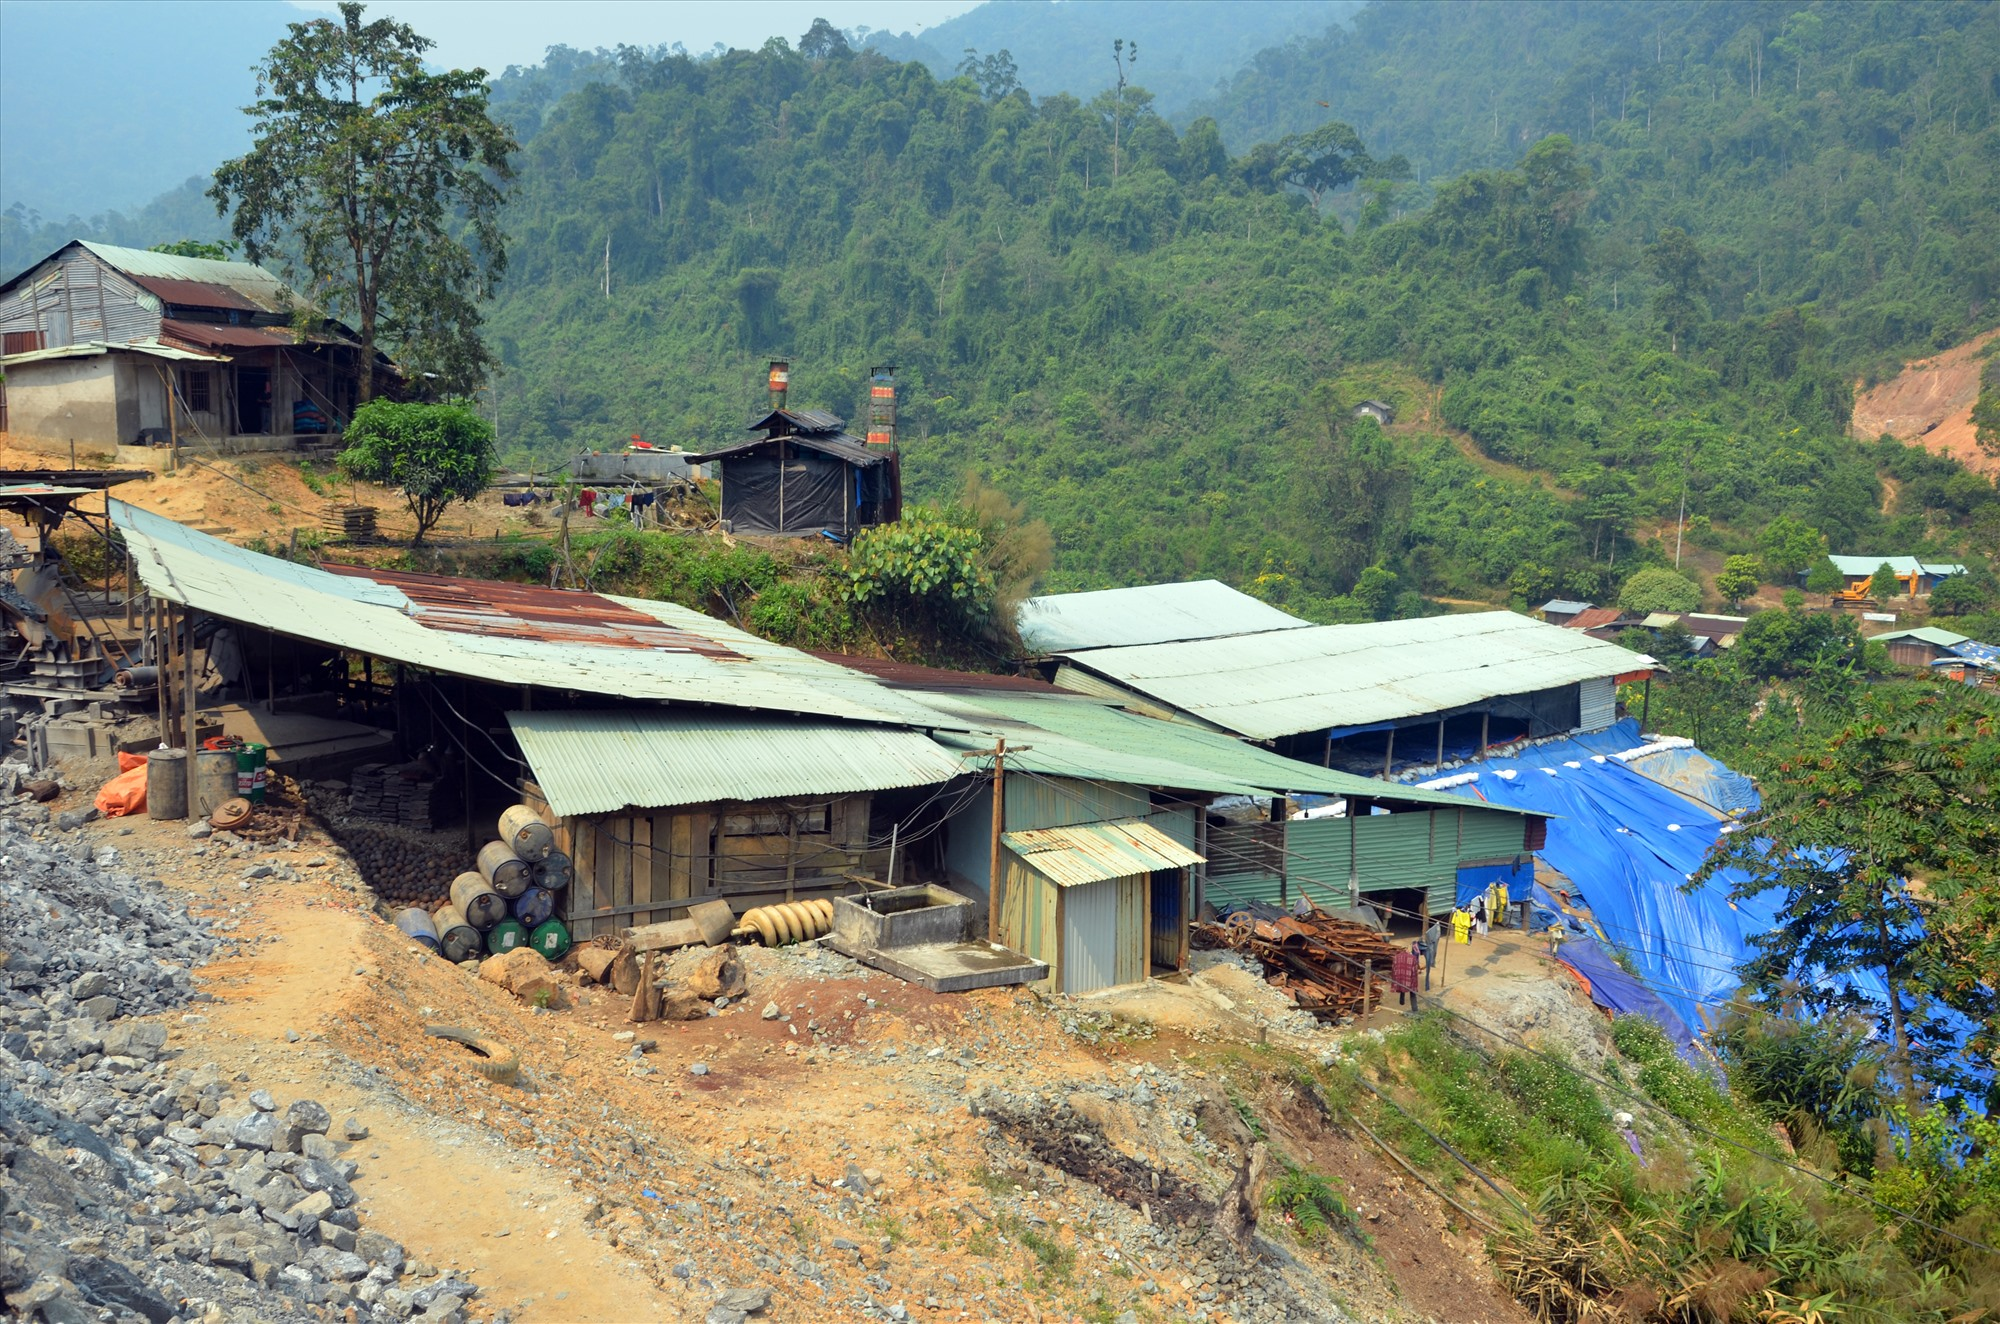 Khu vực thôn 8, xã Phước Hiệp (Phước Sơn) đưa vào bổ sung quy hoạch khoáng sản vàng phân tán nhỏ lẻ trình HĐND tỉnh kỳ họp sắp đến. Ảnh: T.H